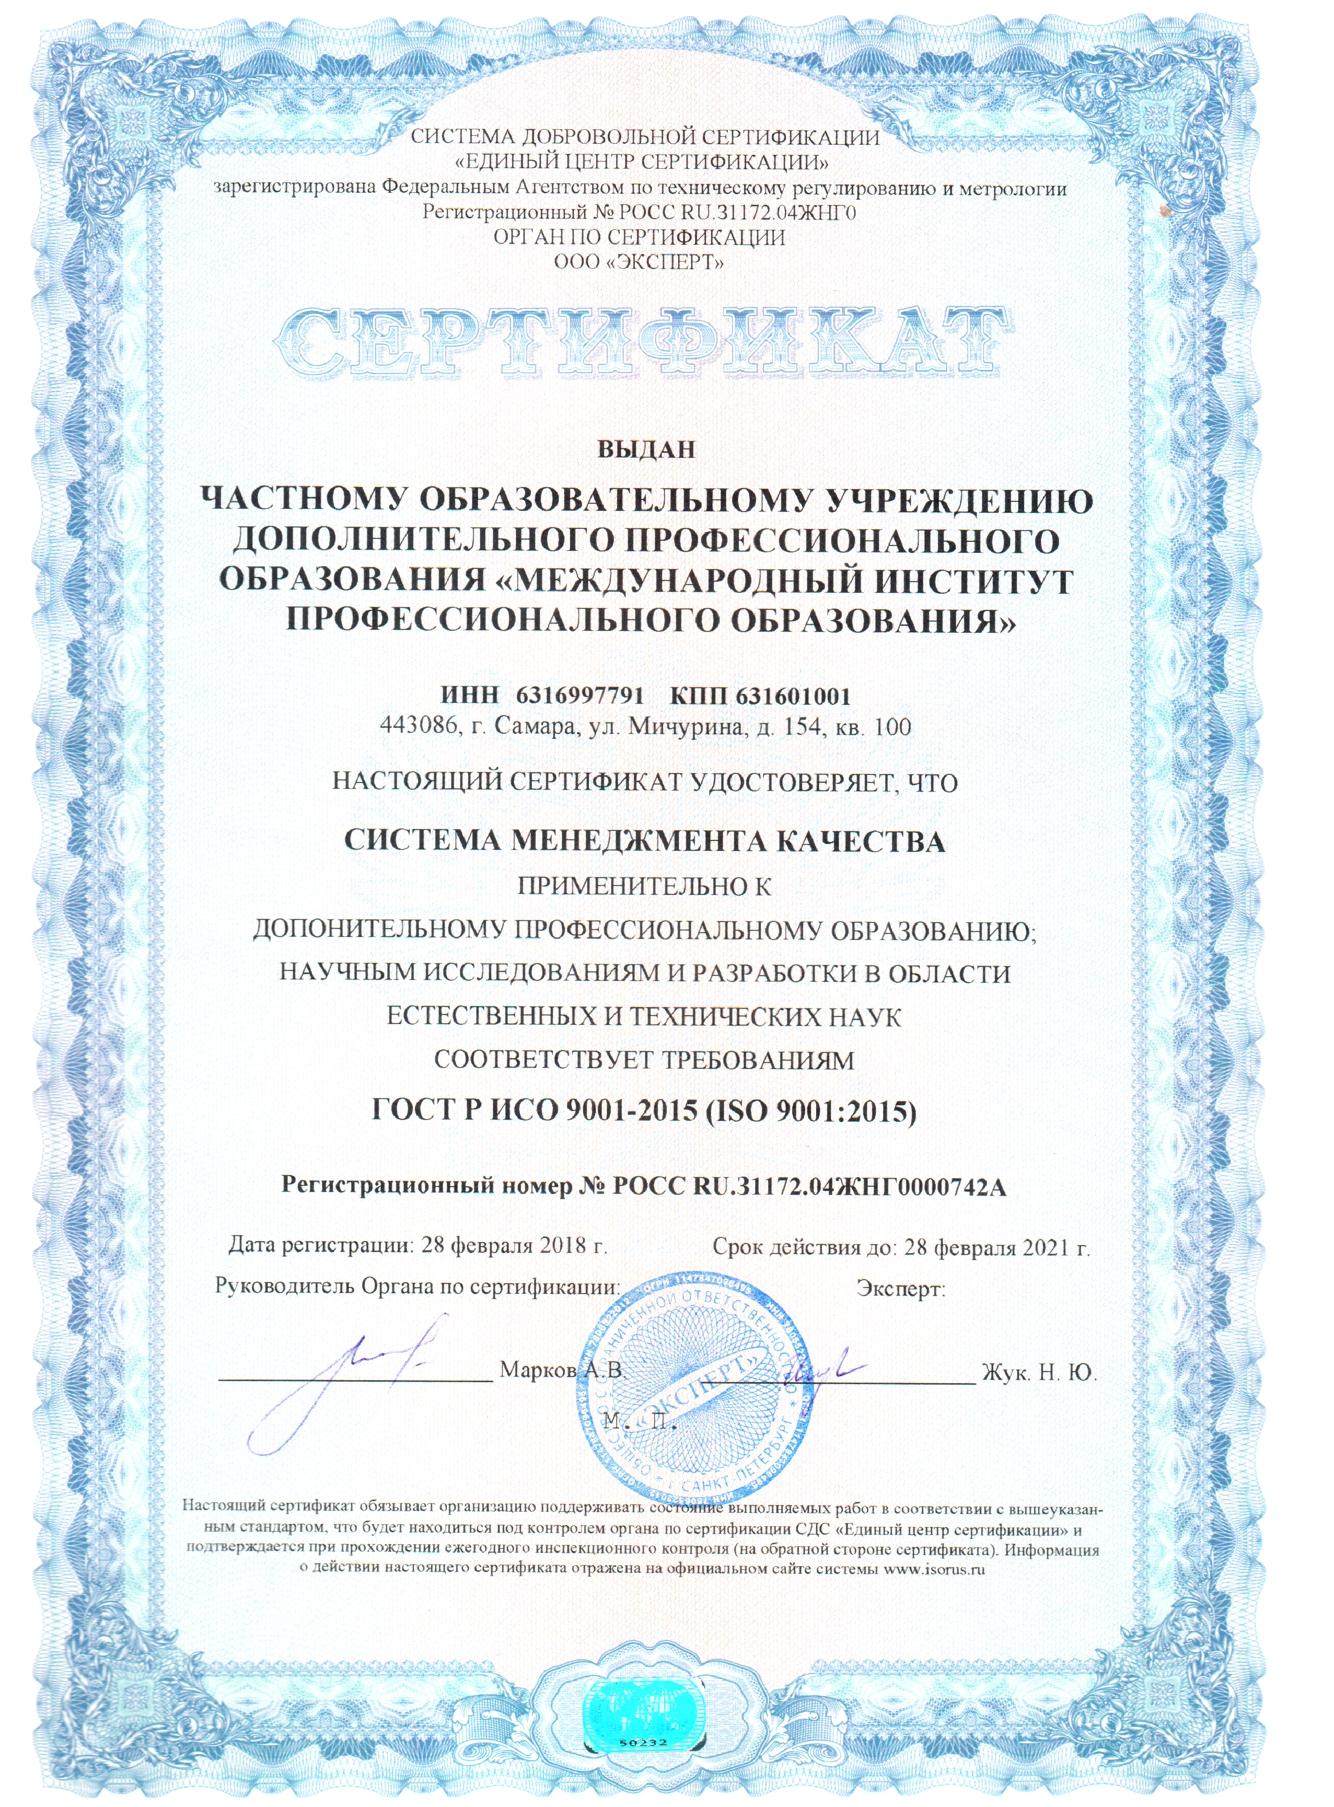 сертификат Менеджмент качества